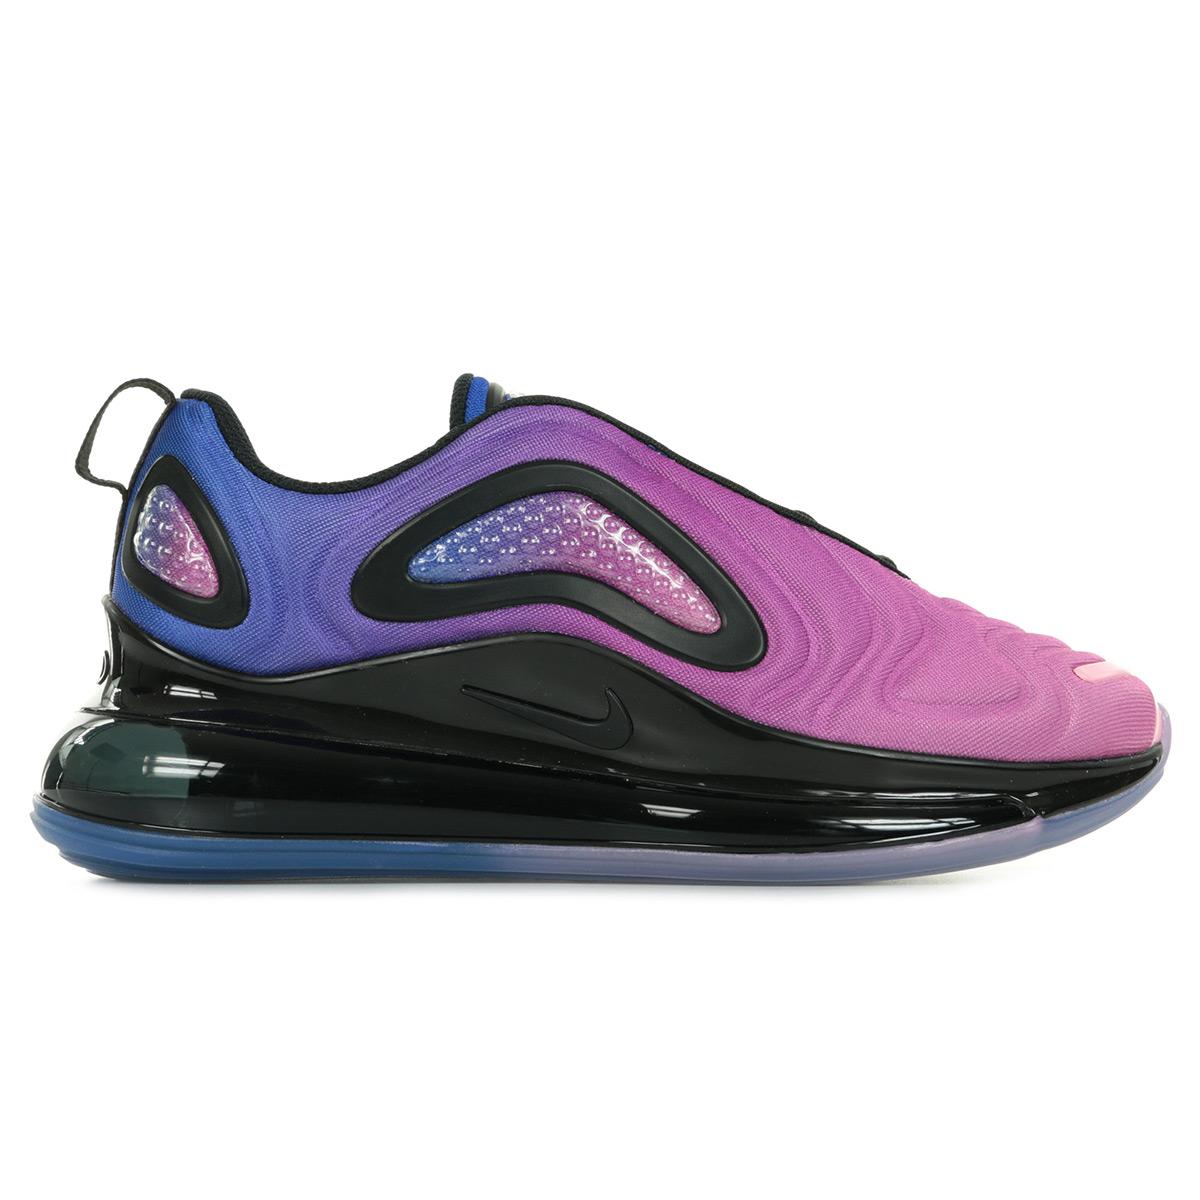 Détails sur Chaussures Baskets Nike femme Air Max 720 SE taille Violet Violette Textile